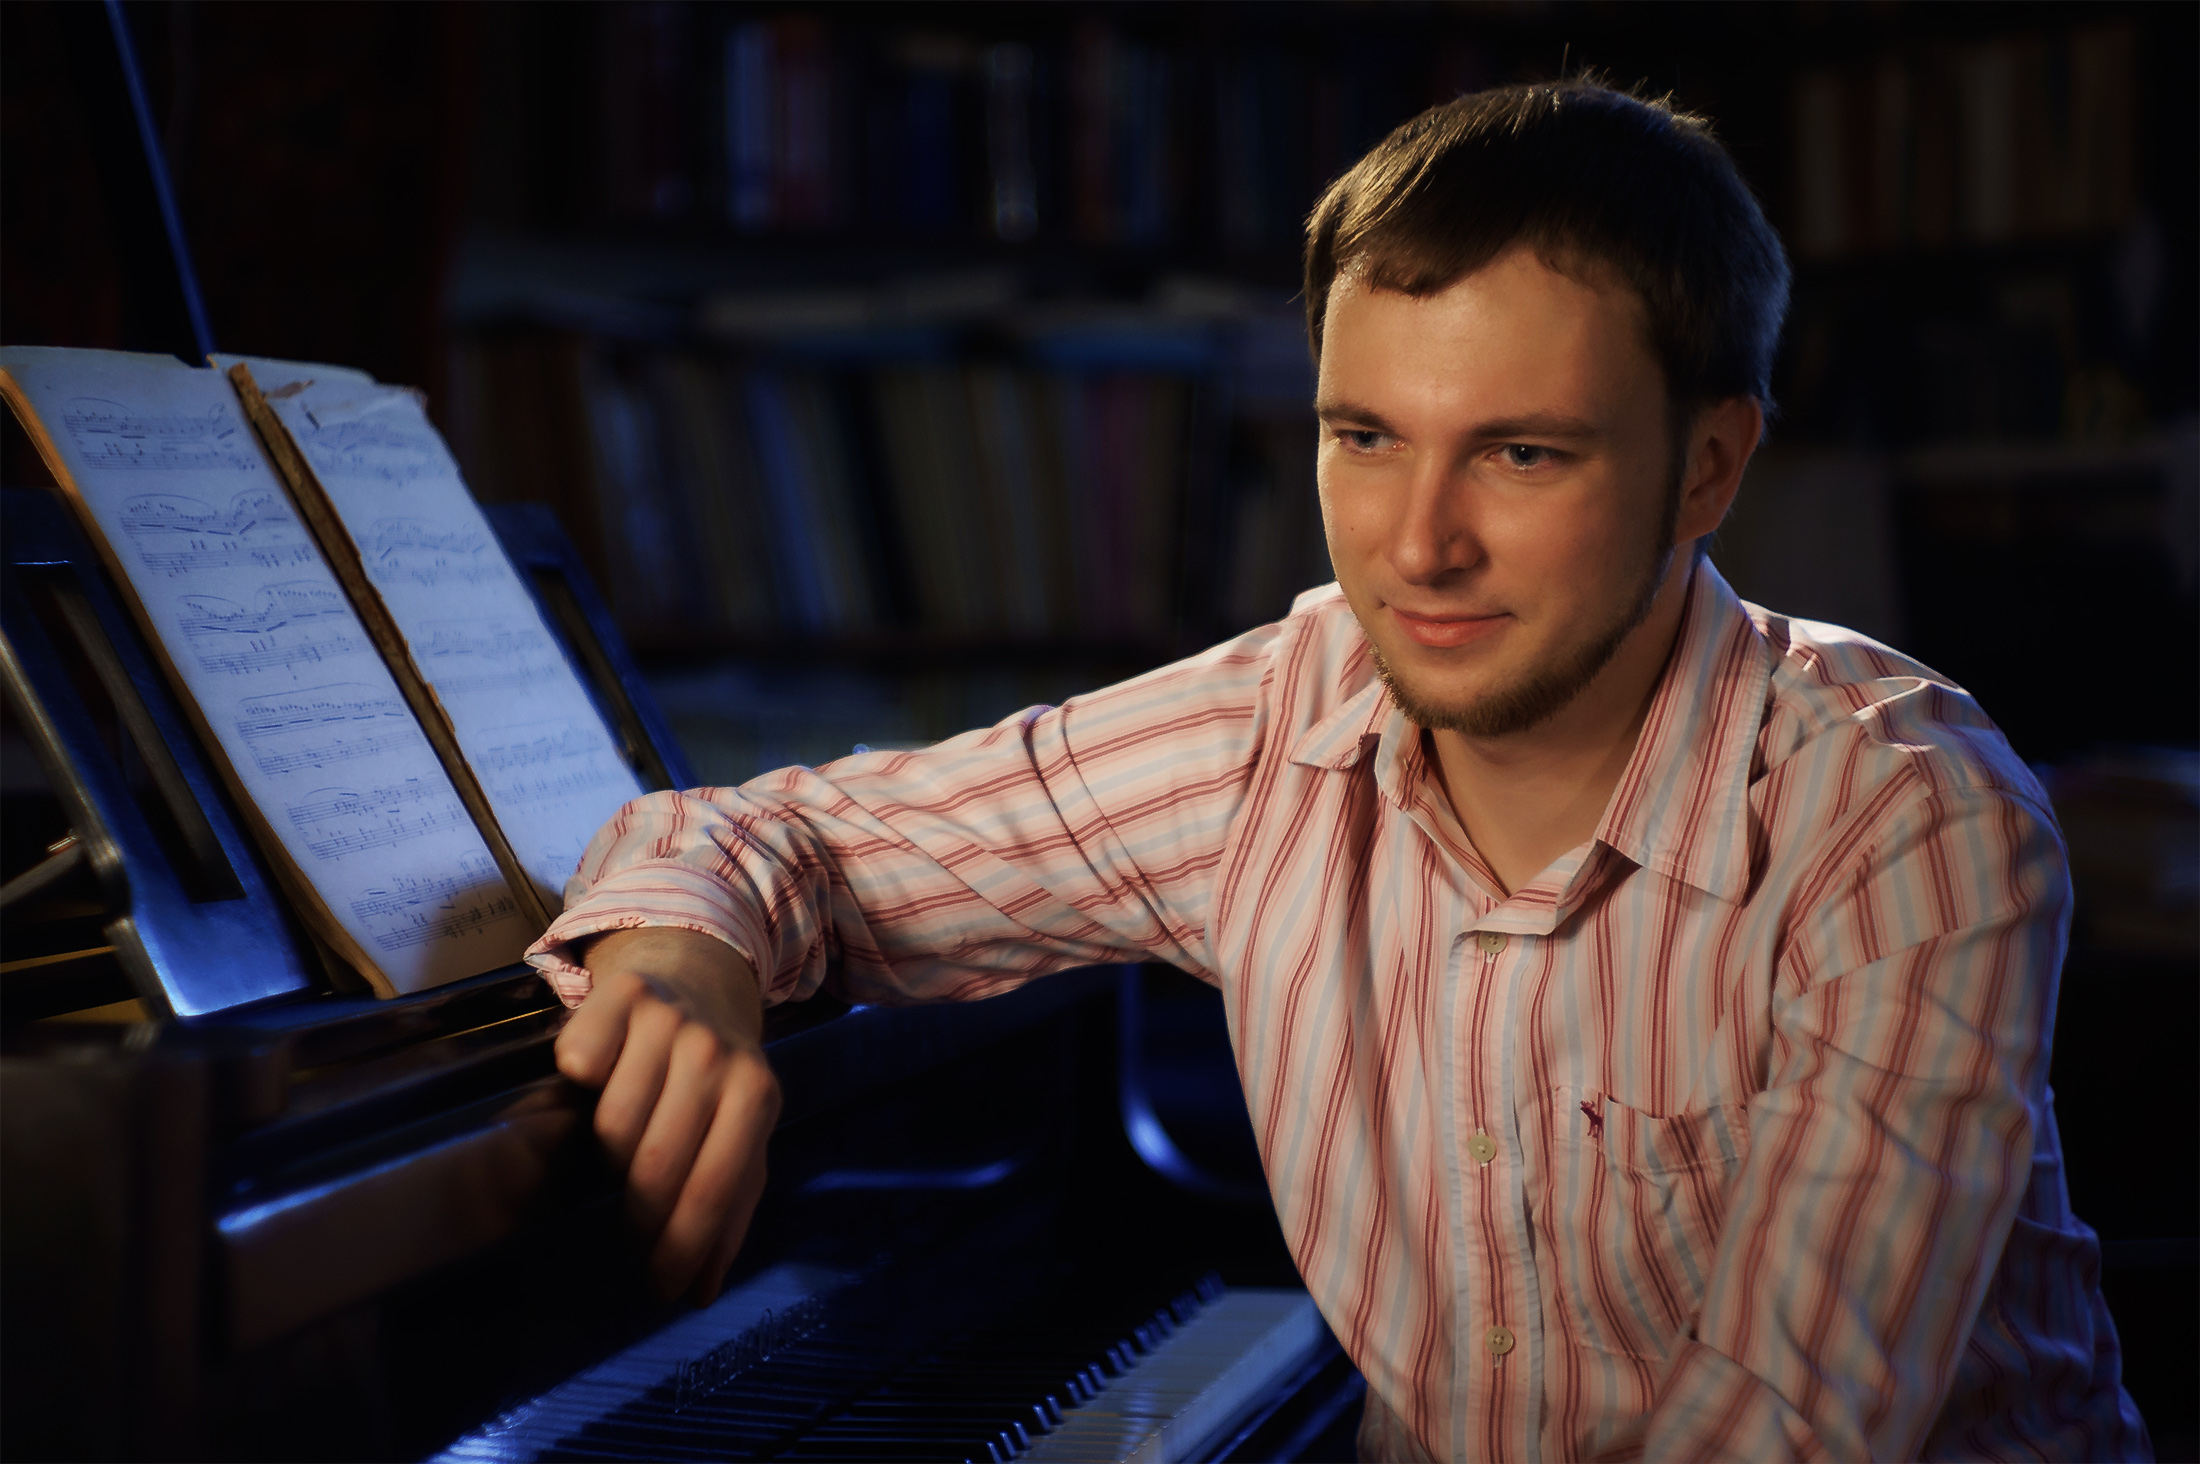 Daniel Belichenko